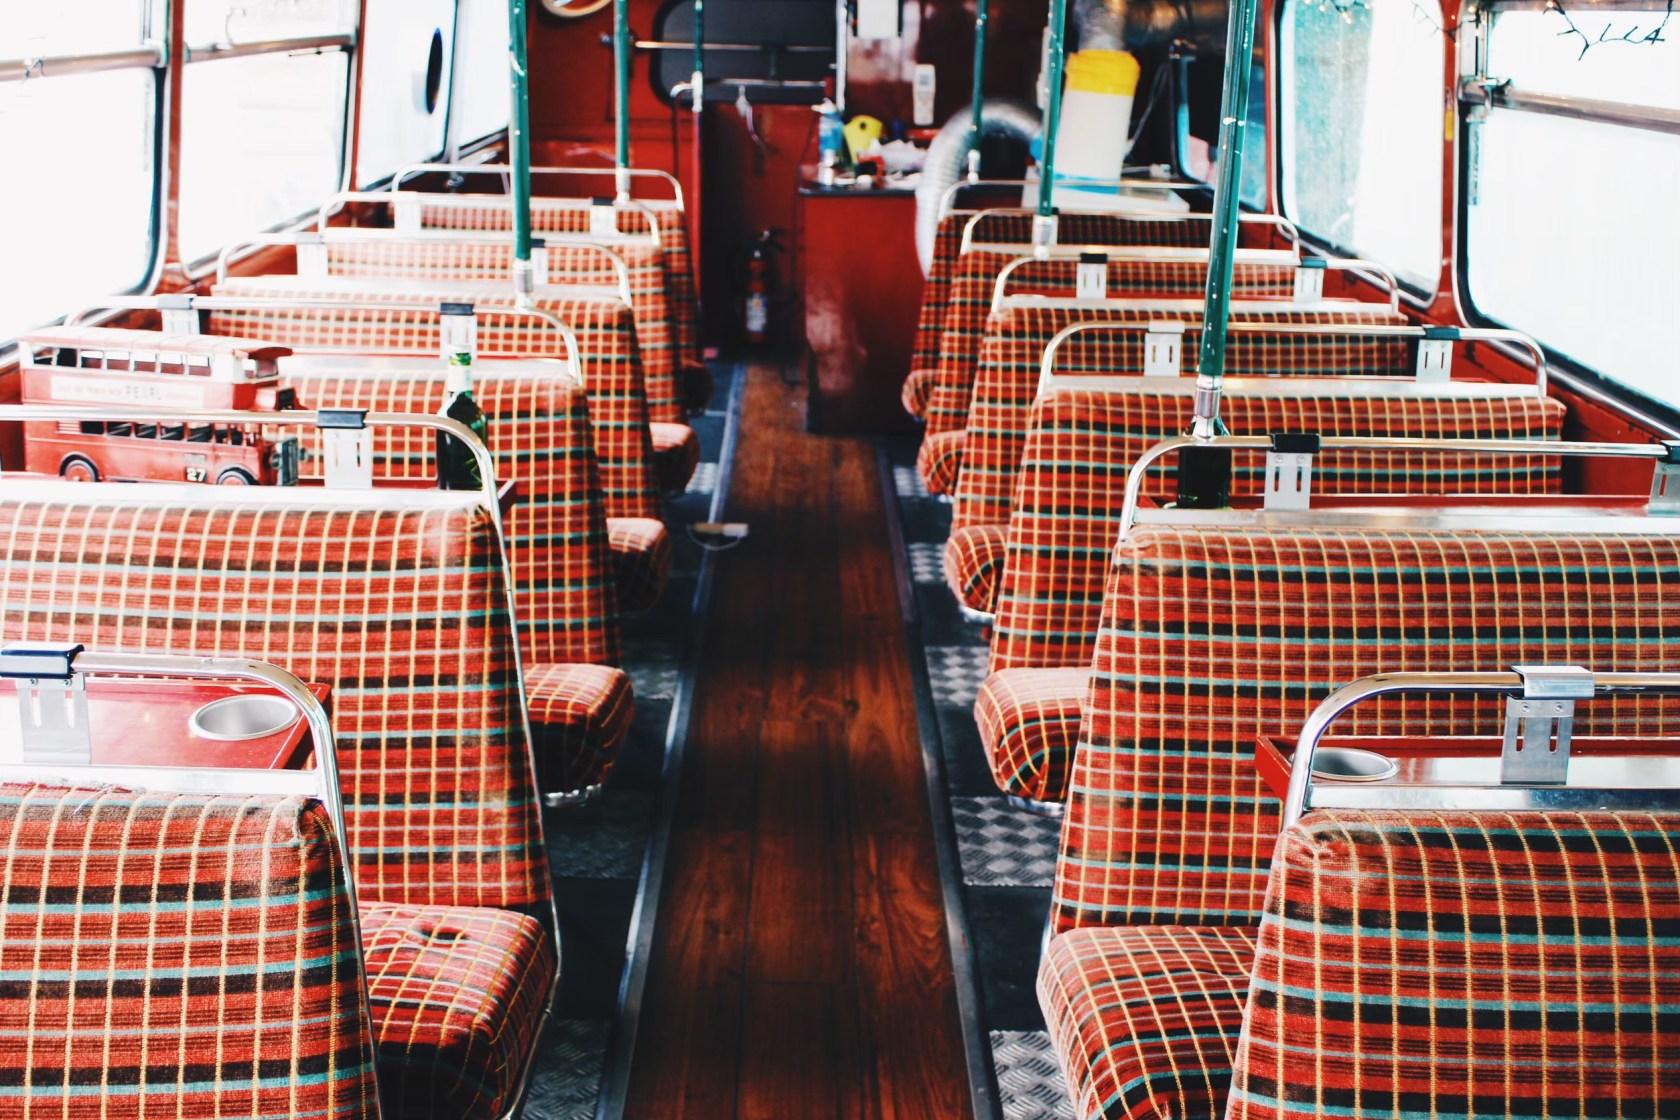 [終了]伊勢丹英国展期間中、ロンドンバス乗車体験をお楽しみください